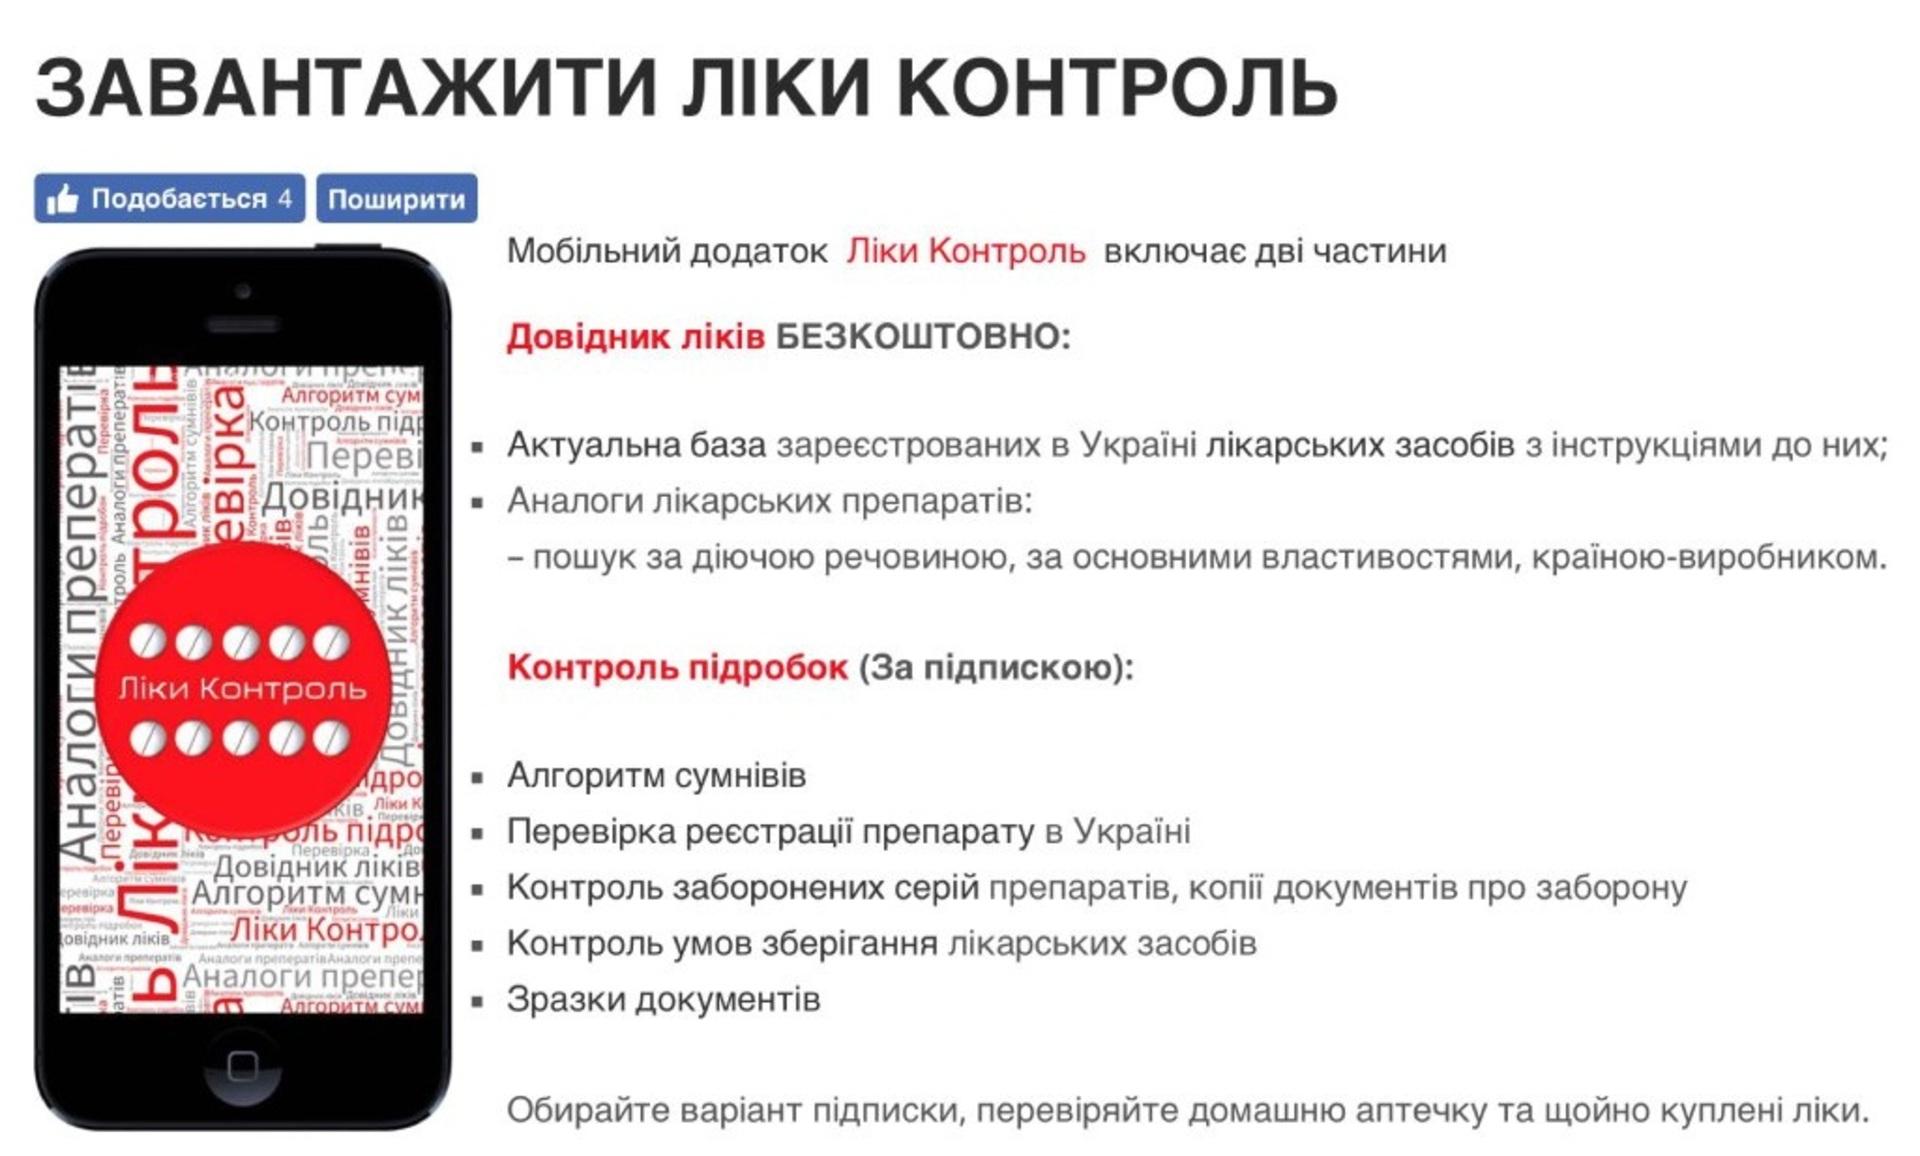 Українка зробила додаток для мобільного, що допомагає перевірити якість ліків - фото 1